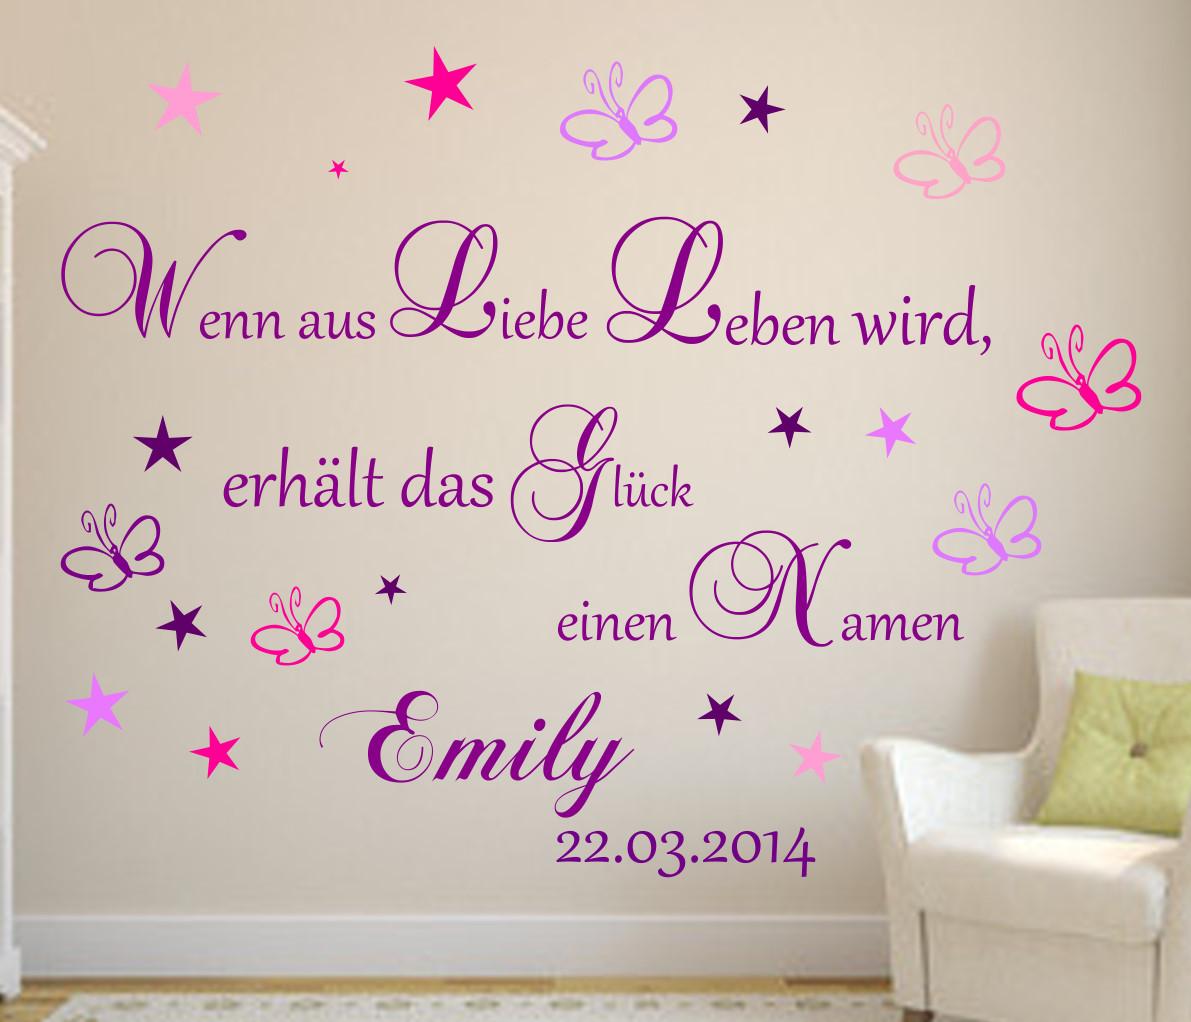 Details zu Wandtattoo Kinderzimmer Baby Nr45 Wenn aus Liebe Leben wird .  Wand Spruch Geburt